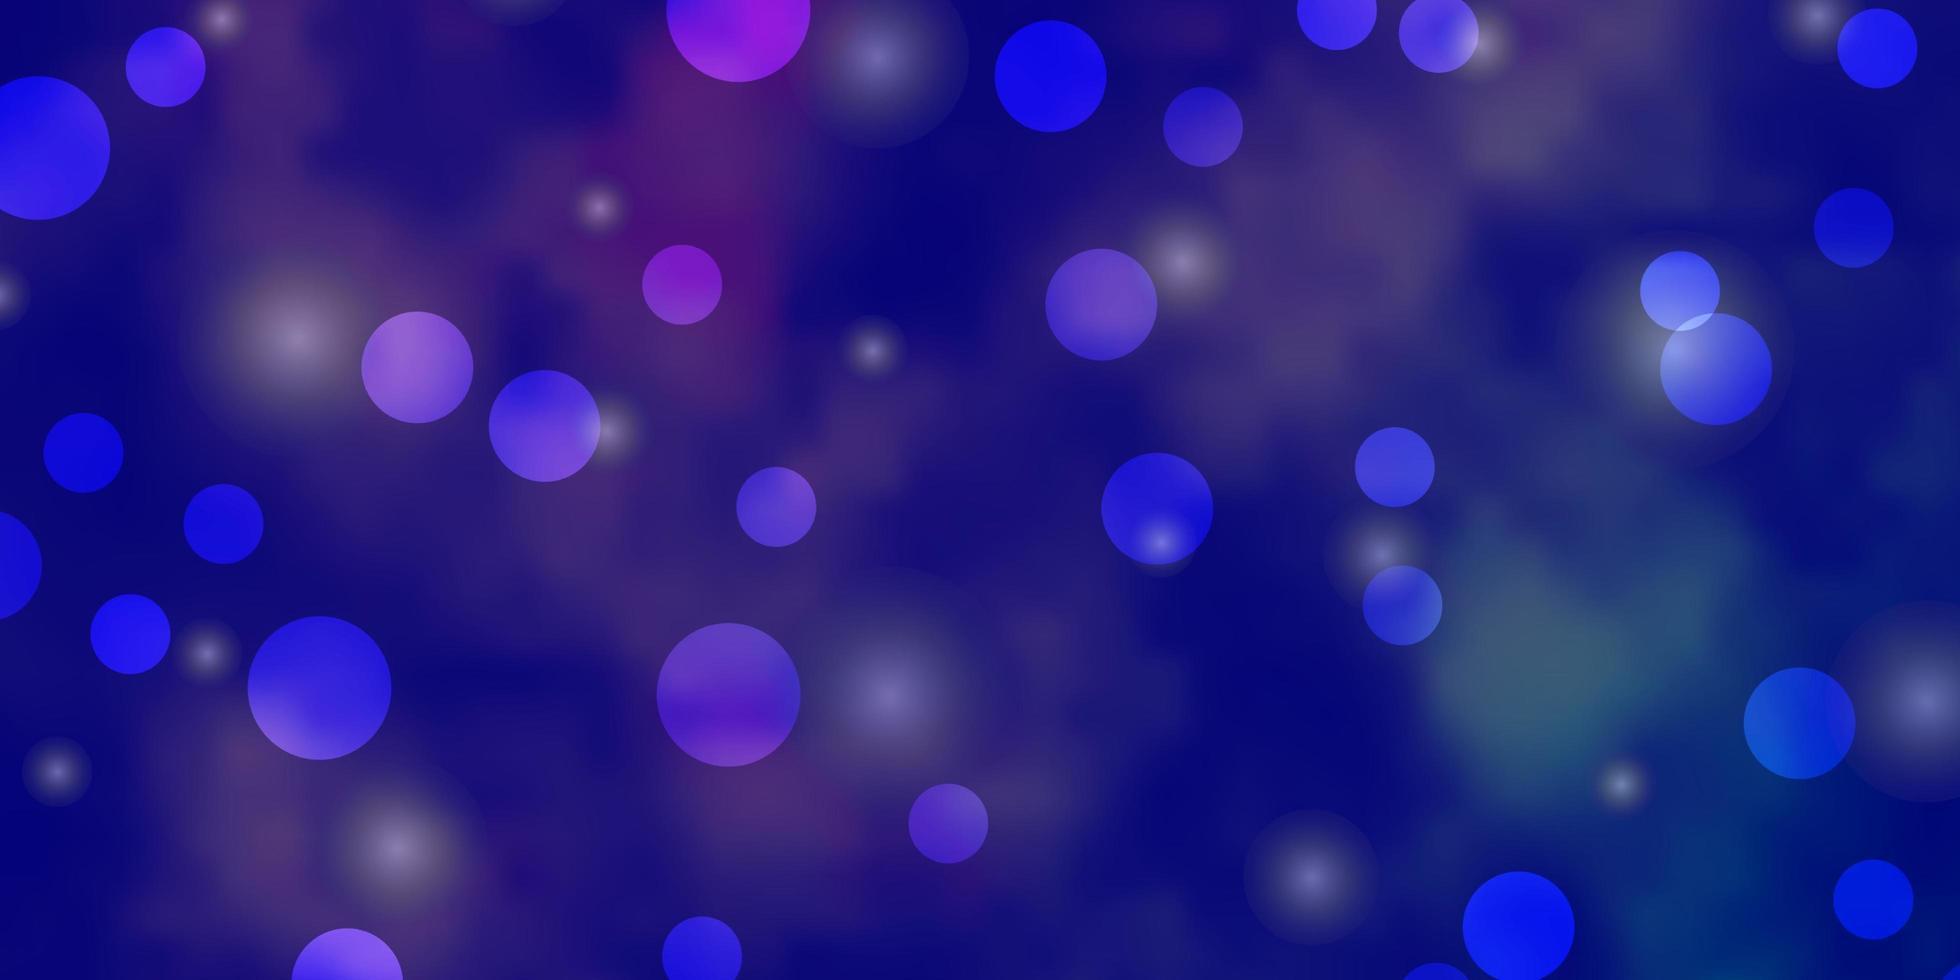 modello vettoriale viola chiaro con cerchi, stelle.